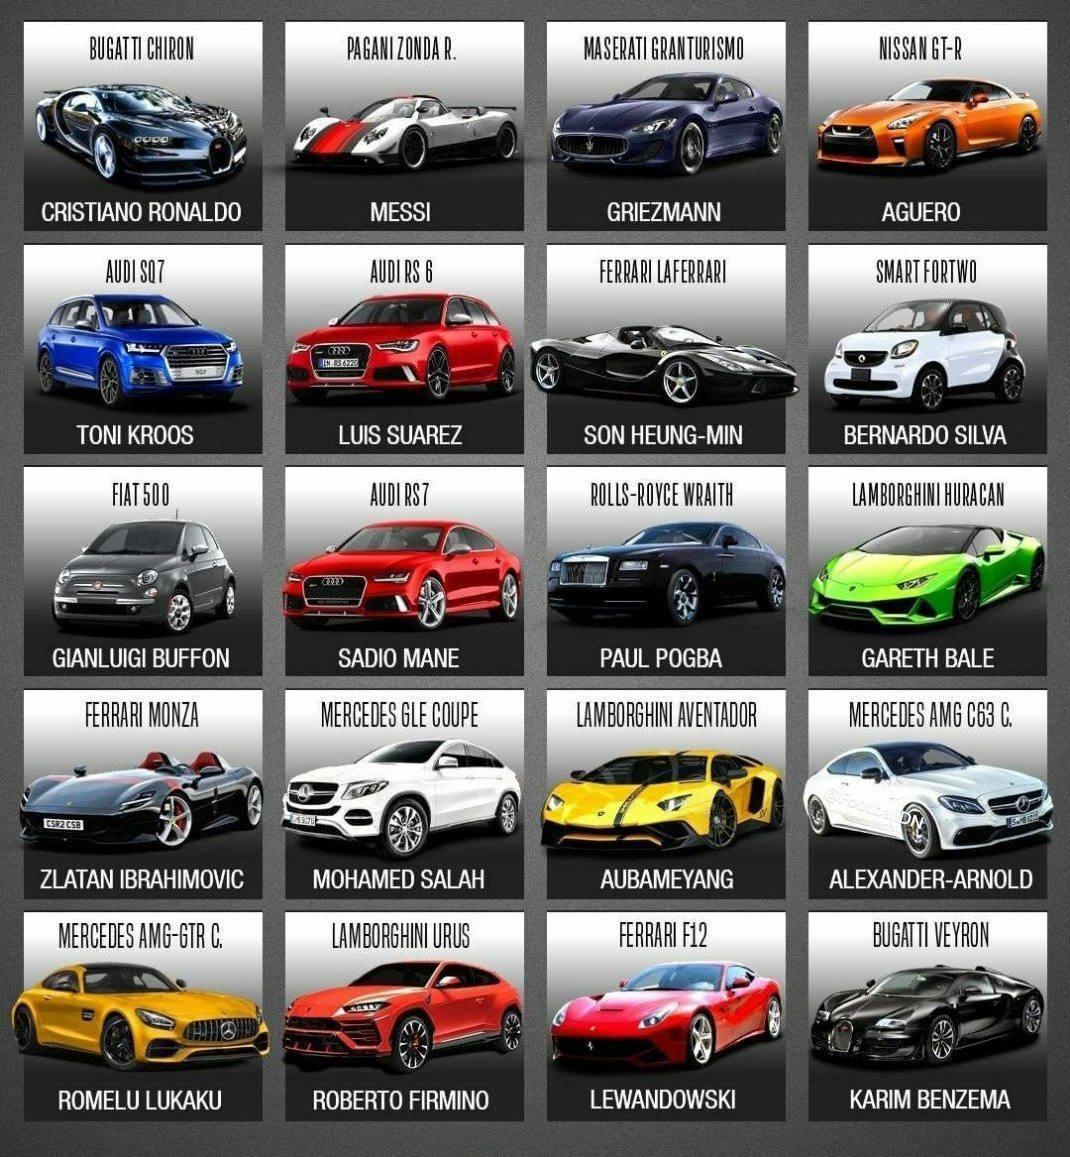 لیست ماشین های گران قیمت بازیکنان معروف فوتبال